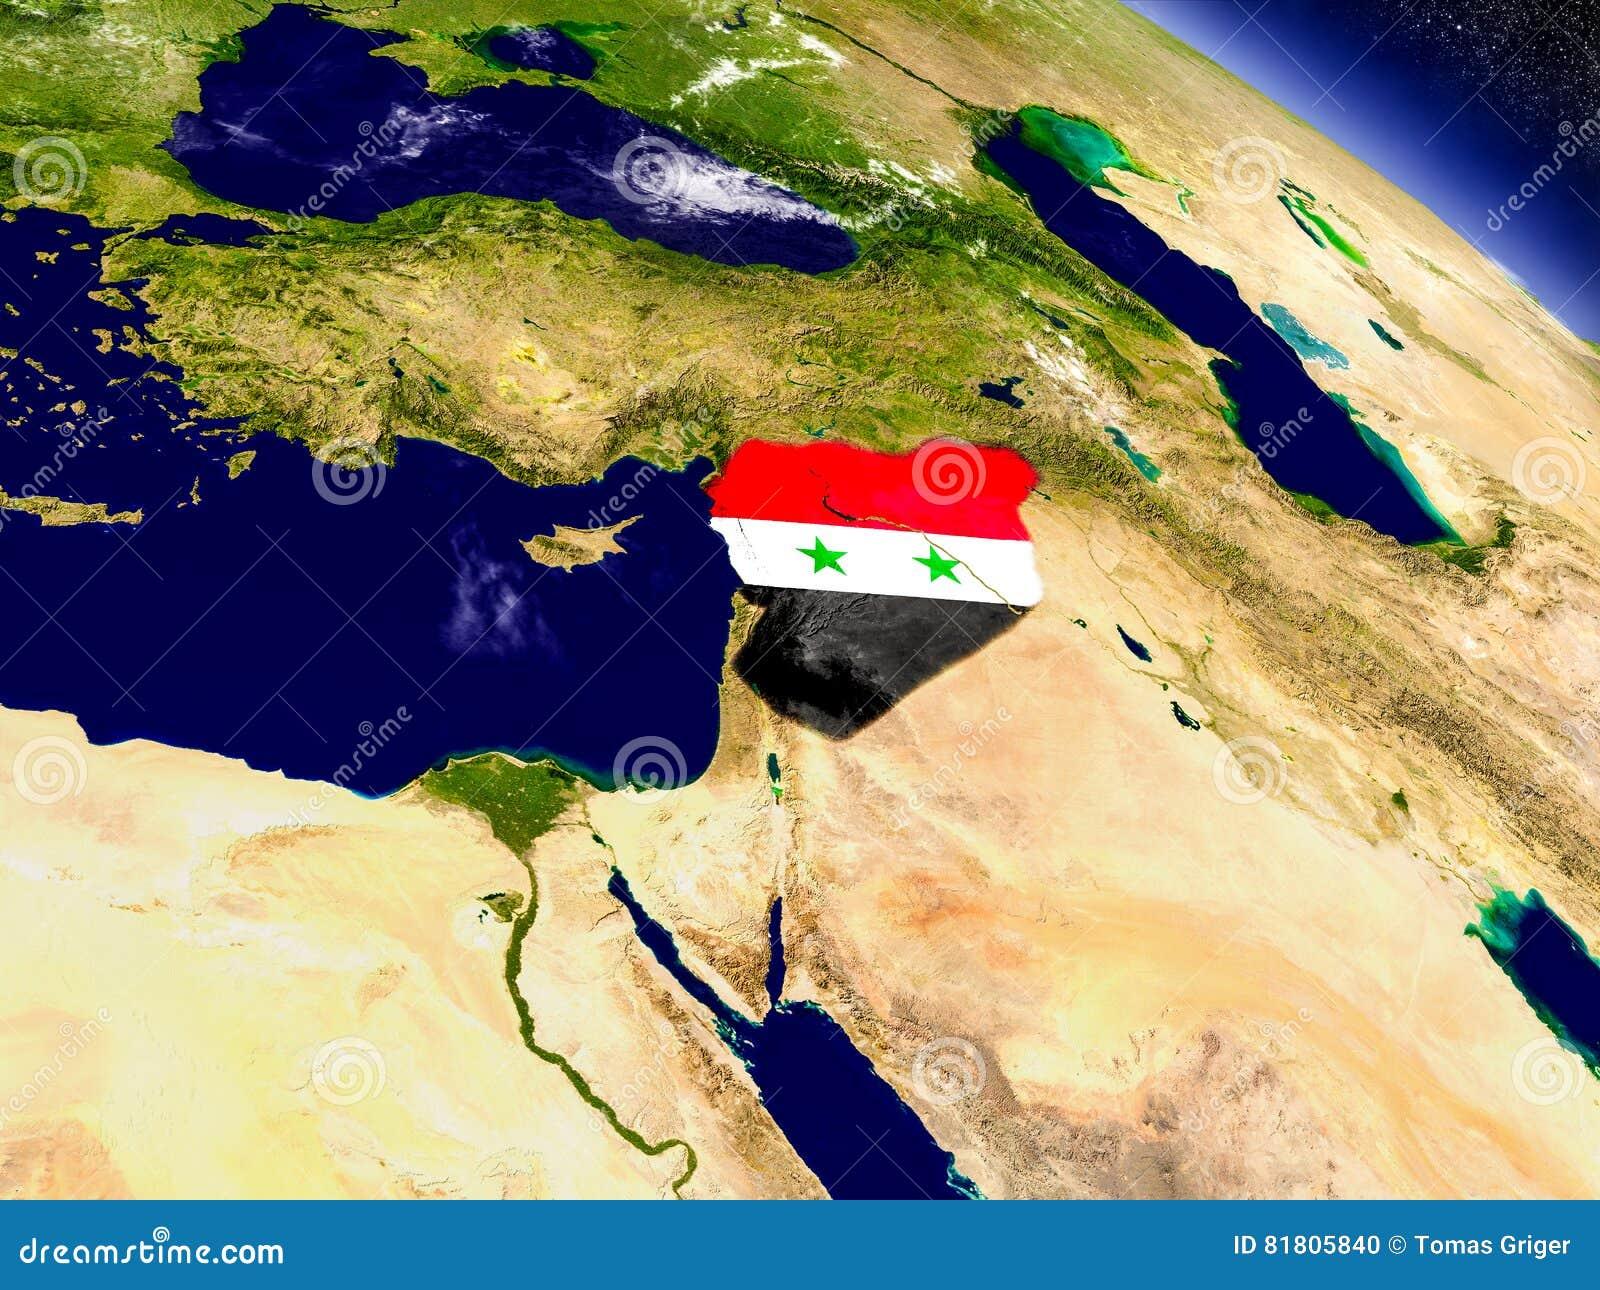 Сирия с врезанным флагом на земле